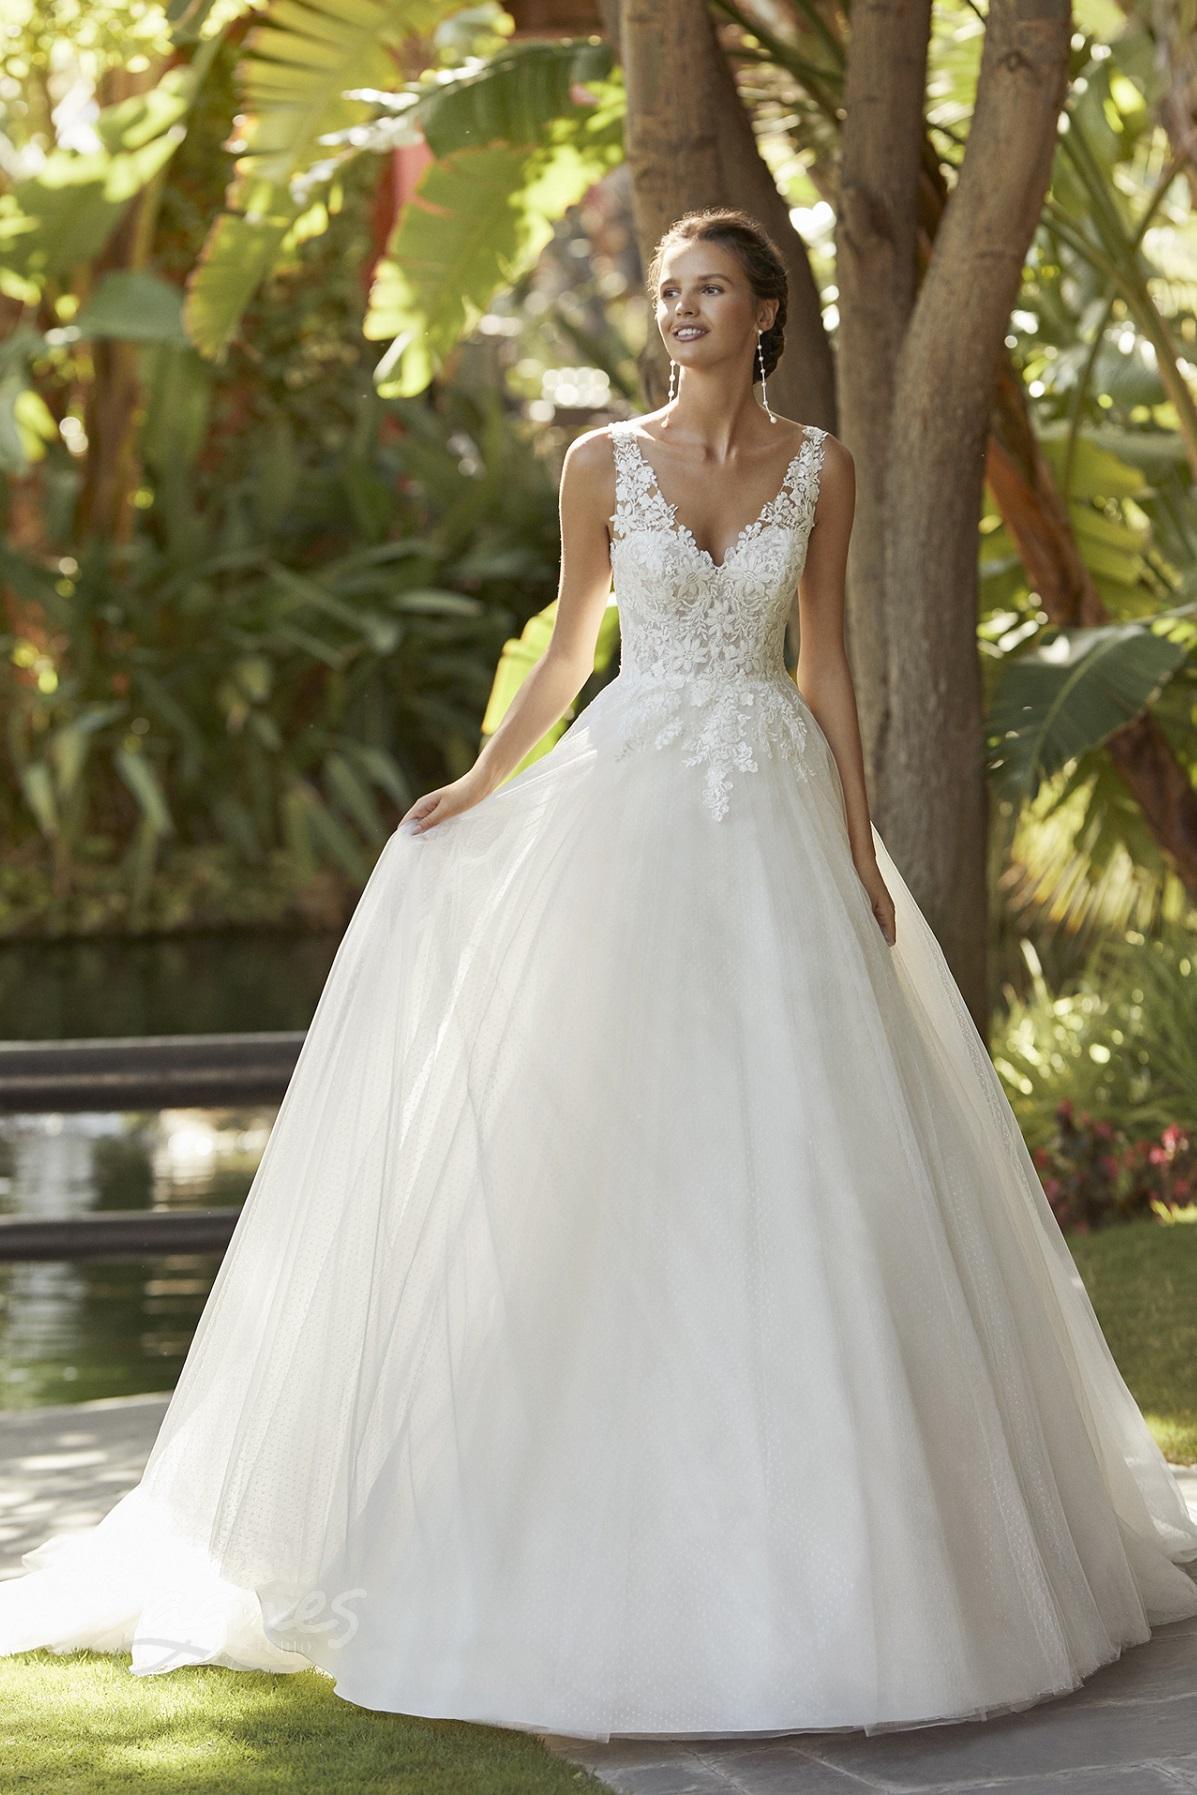 svatební šaty s širokou tylovou sukní